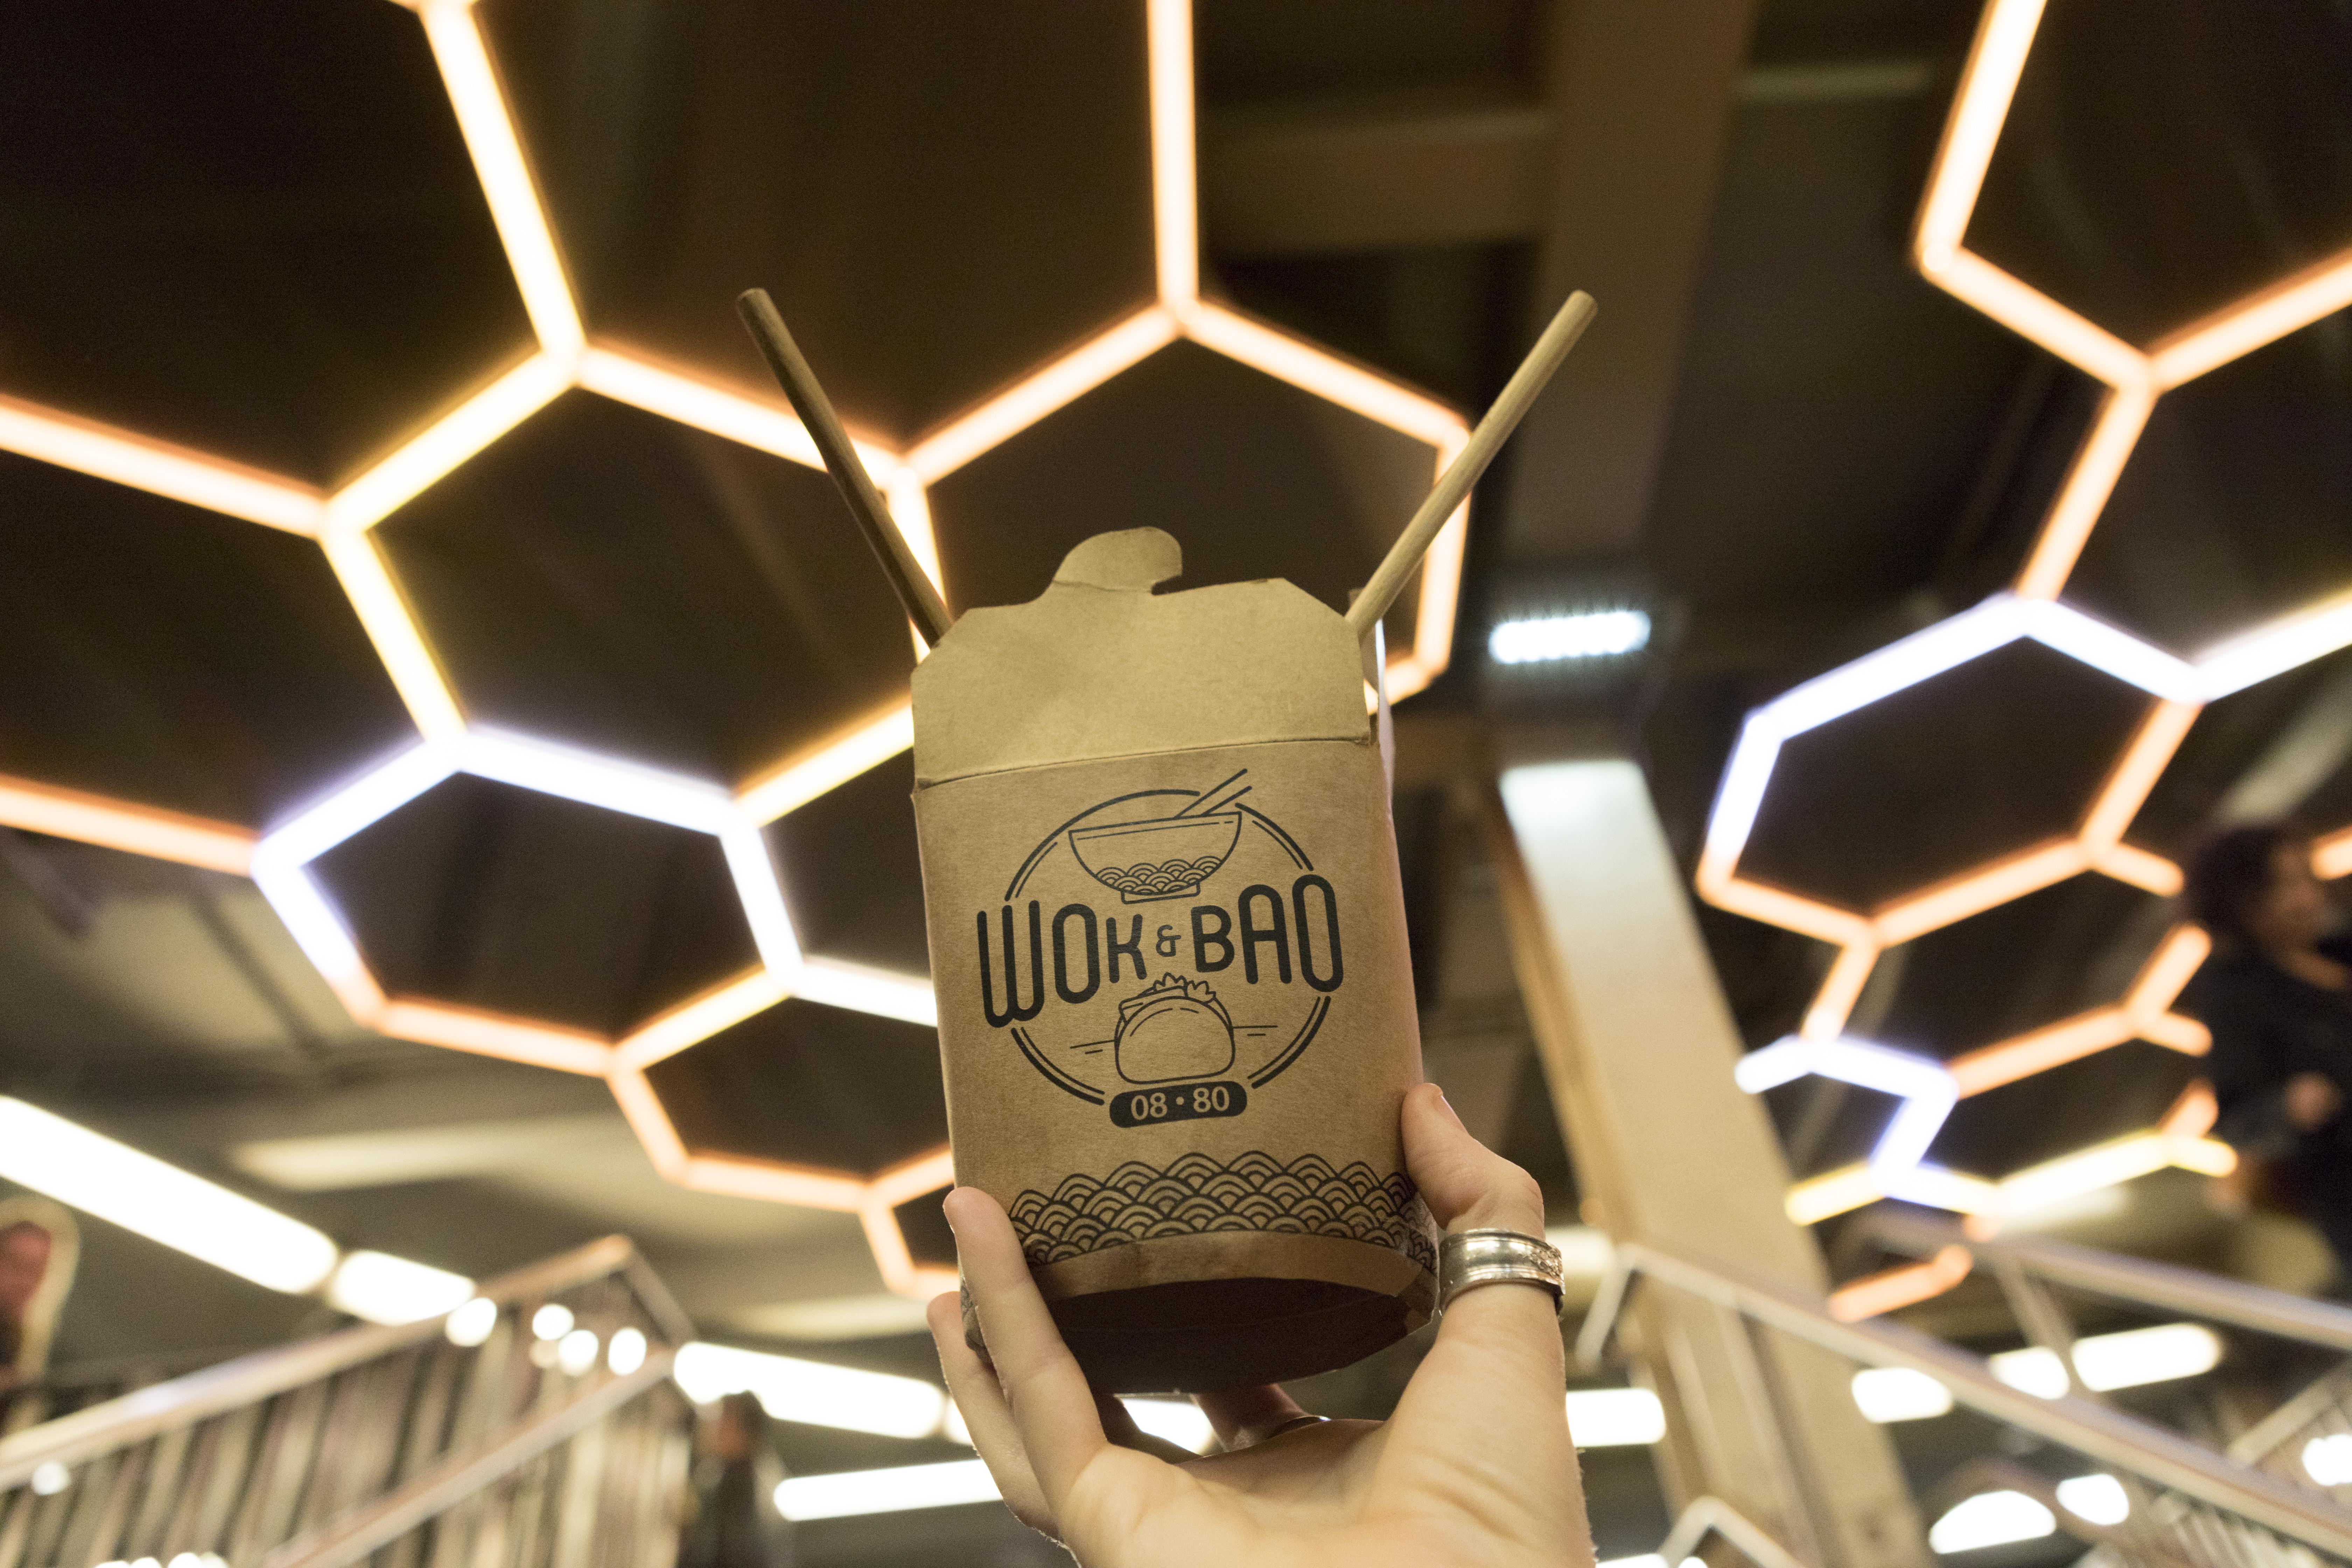 Wok & Bao